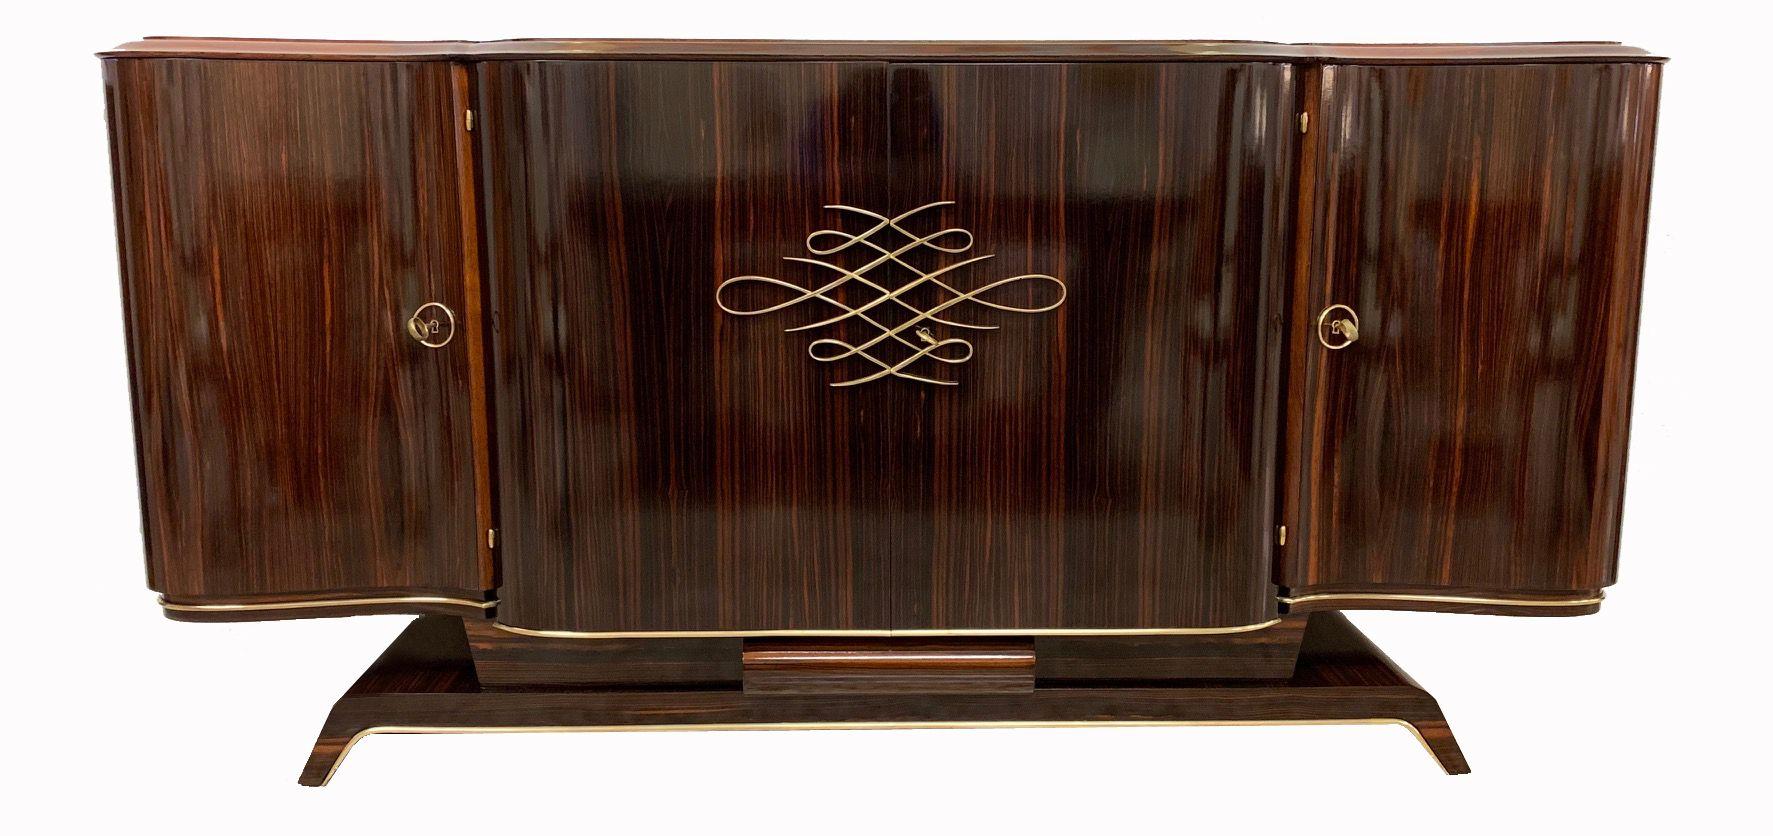 Tavolo Pranzo Art Deco french art dèco sideboard | mobili art deco, credenza d